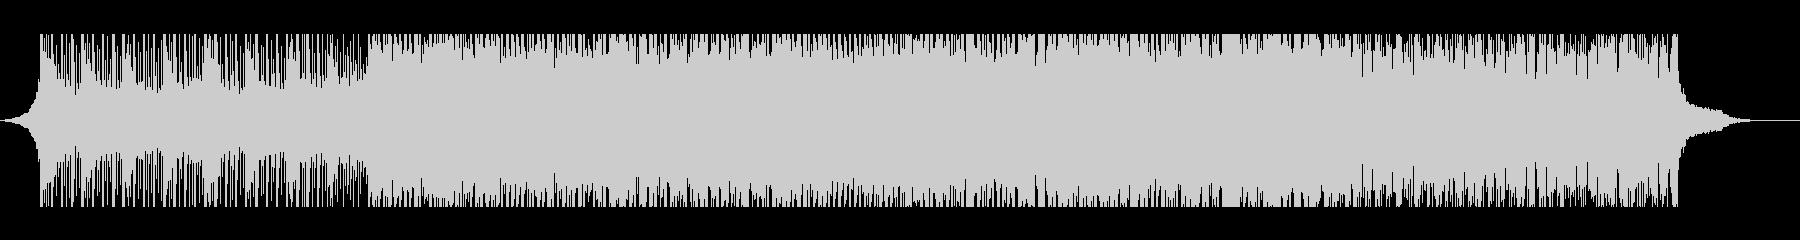 やる気 (90 Sec)の未再生の波形